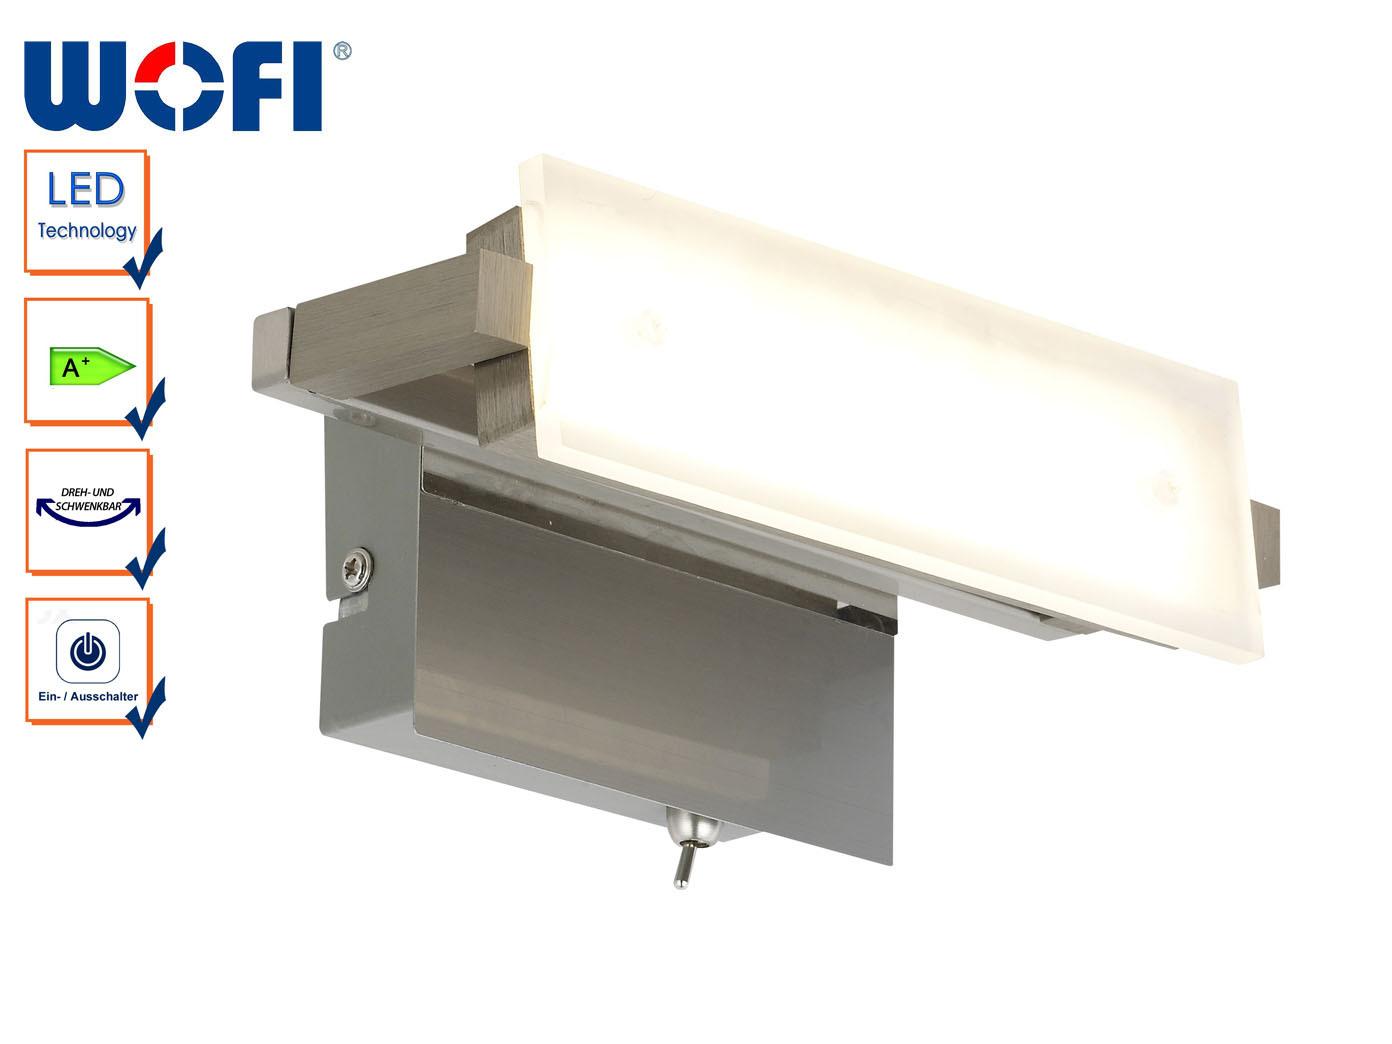 LED Wandlampe schwenkbar, Länge 20 cm, Schalter, Wofi-Leuchten | Verkaufspreis